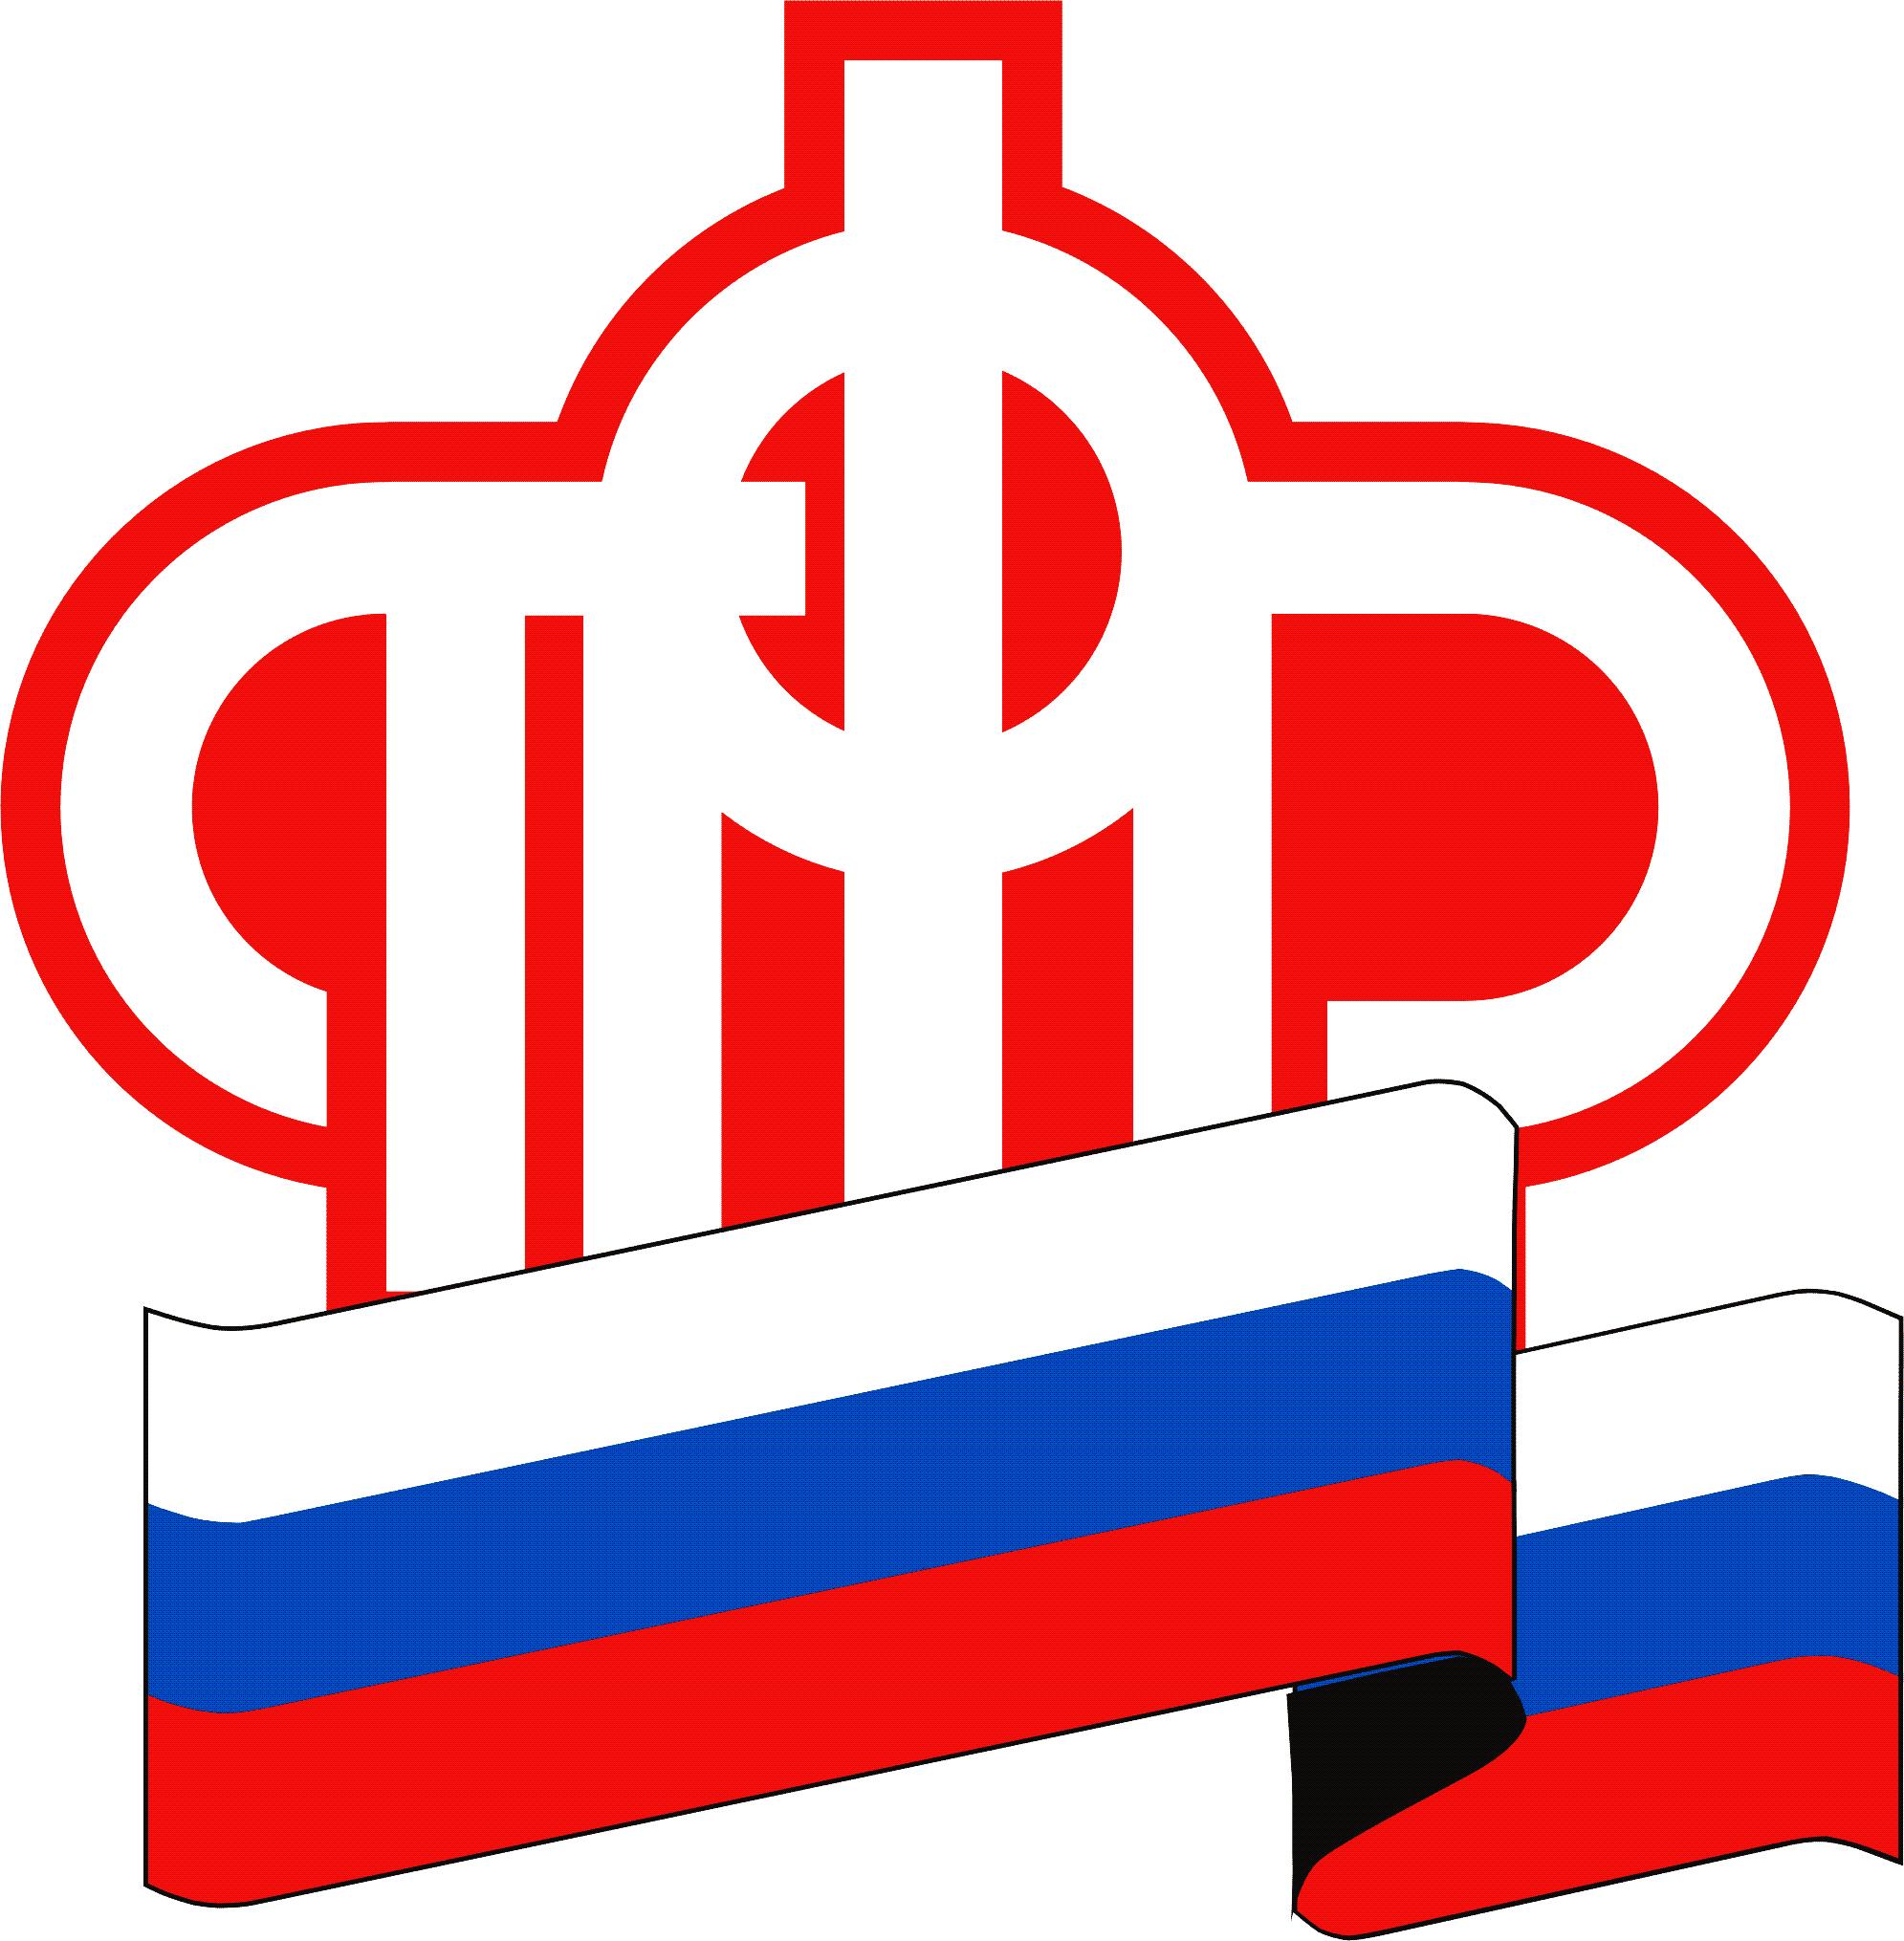 Большими красными буквами по центру: ПФР. Снизу - флаг Российской Федерации.